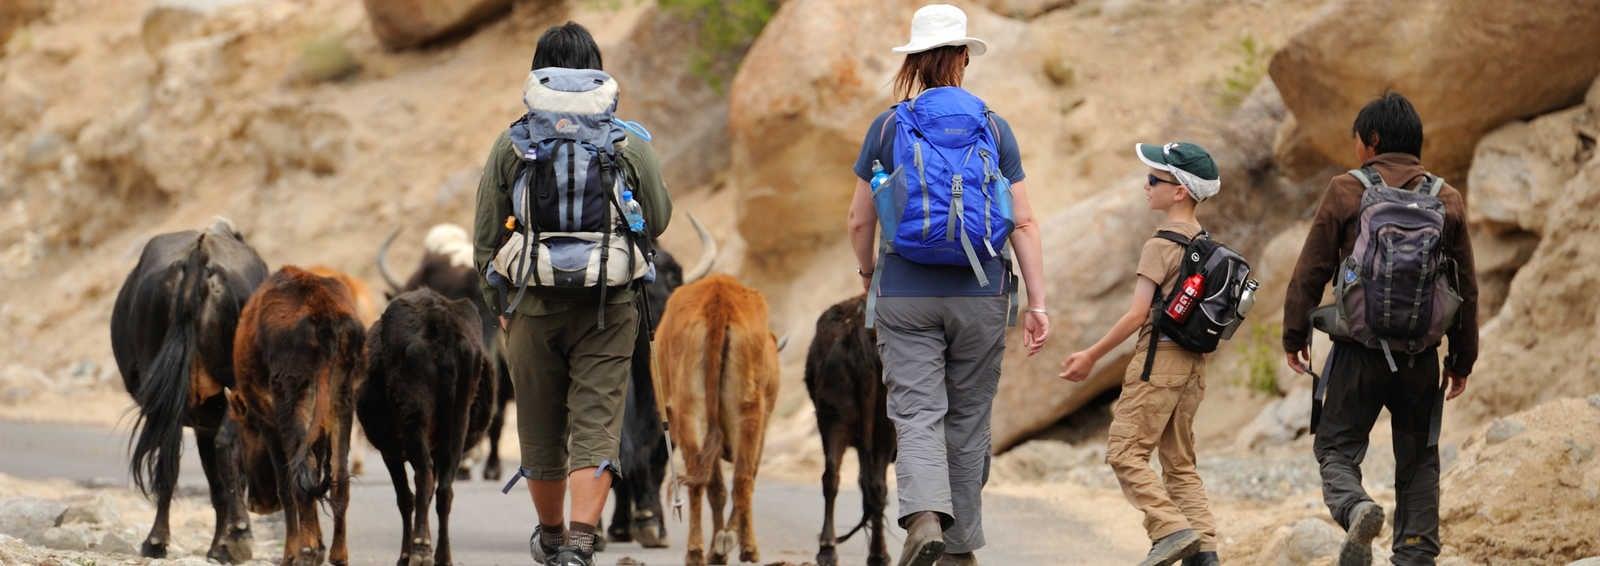 Family on trek in Ladakh